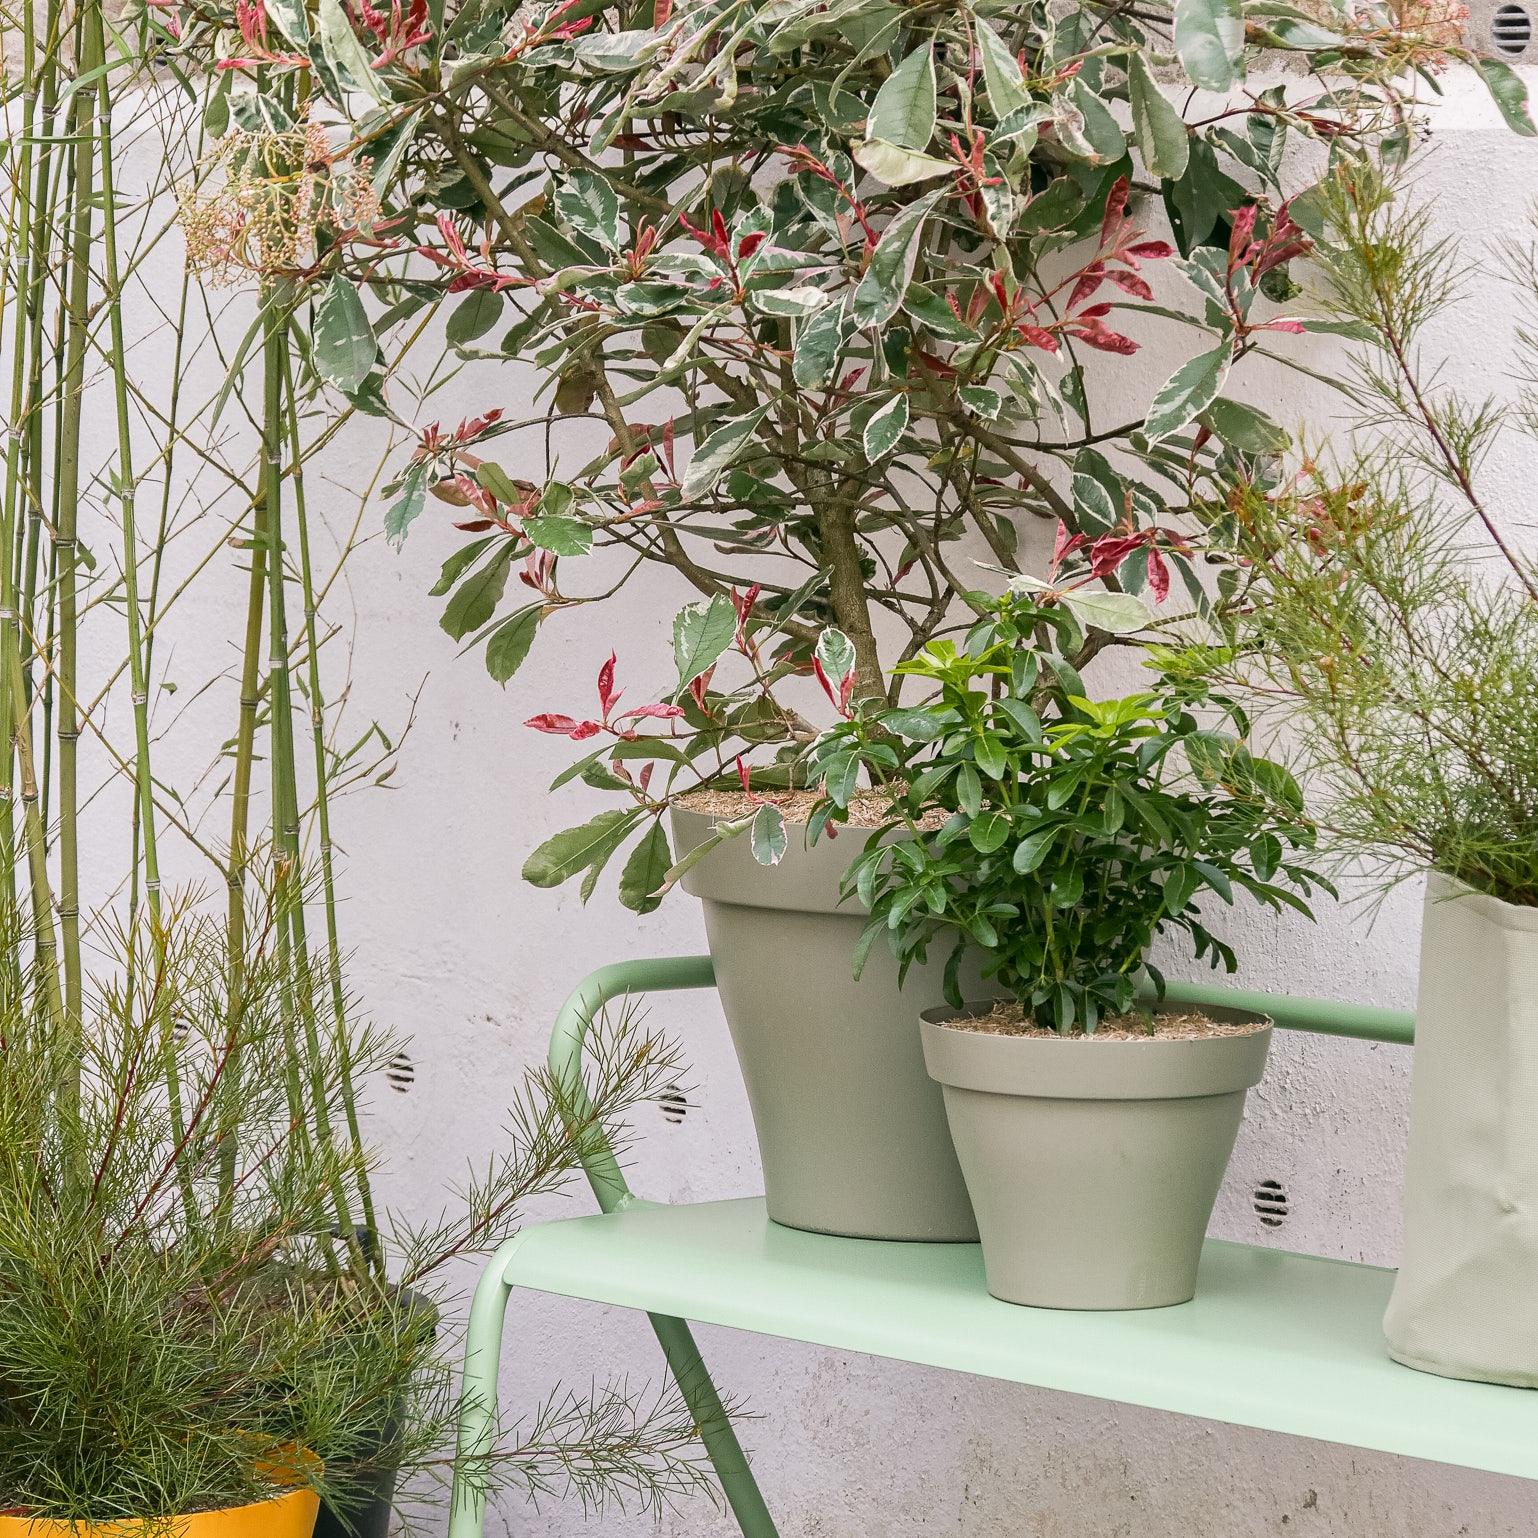 comment-conserver-ses-plantes-exterieur-pendant-les-vacances